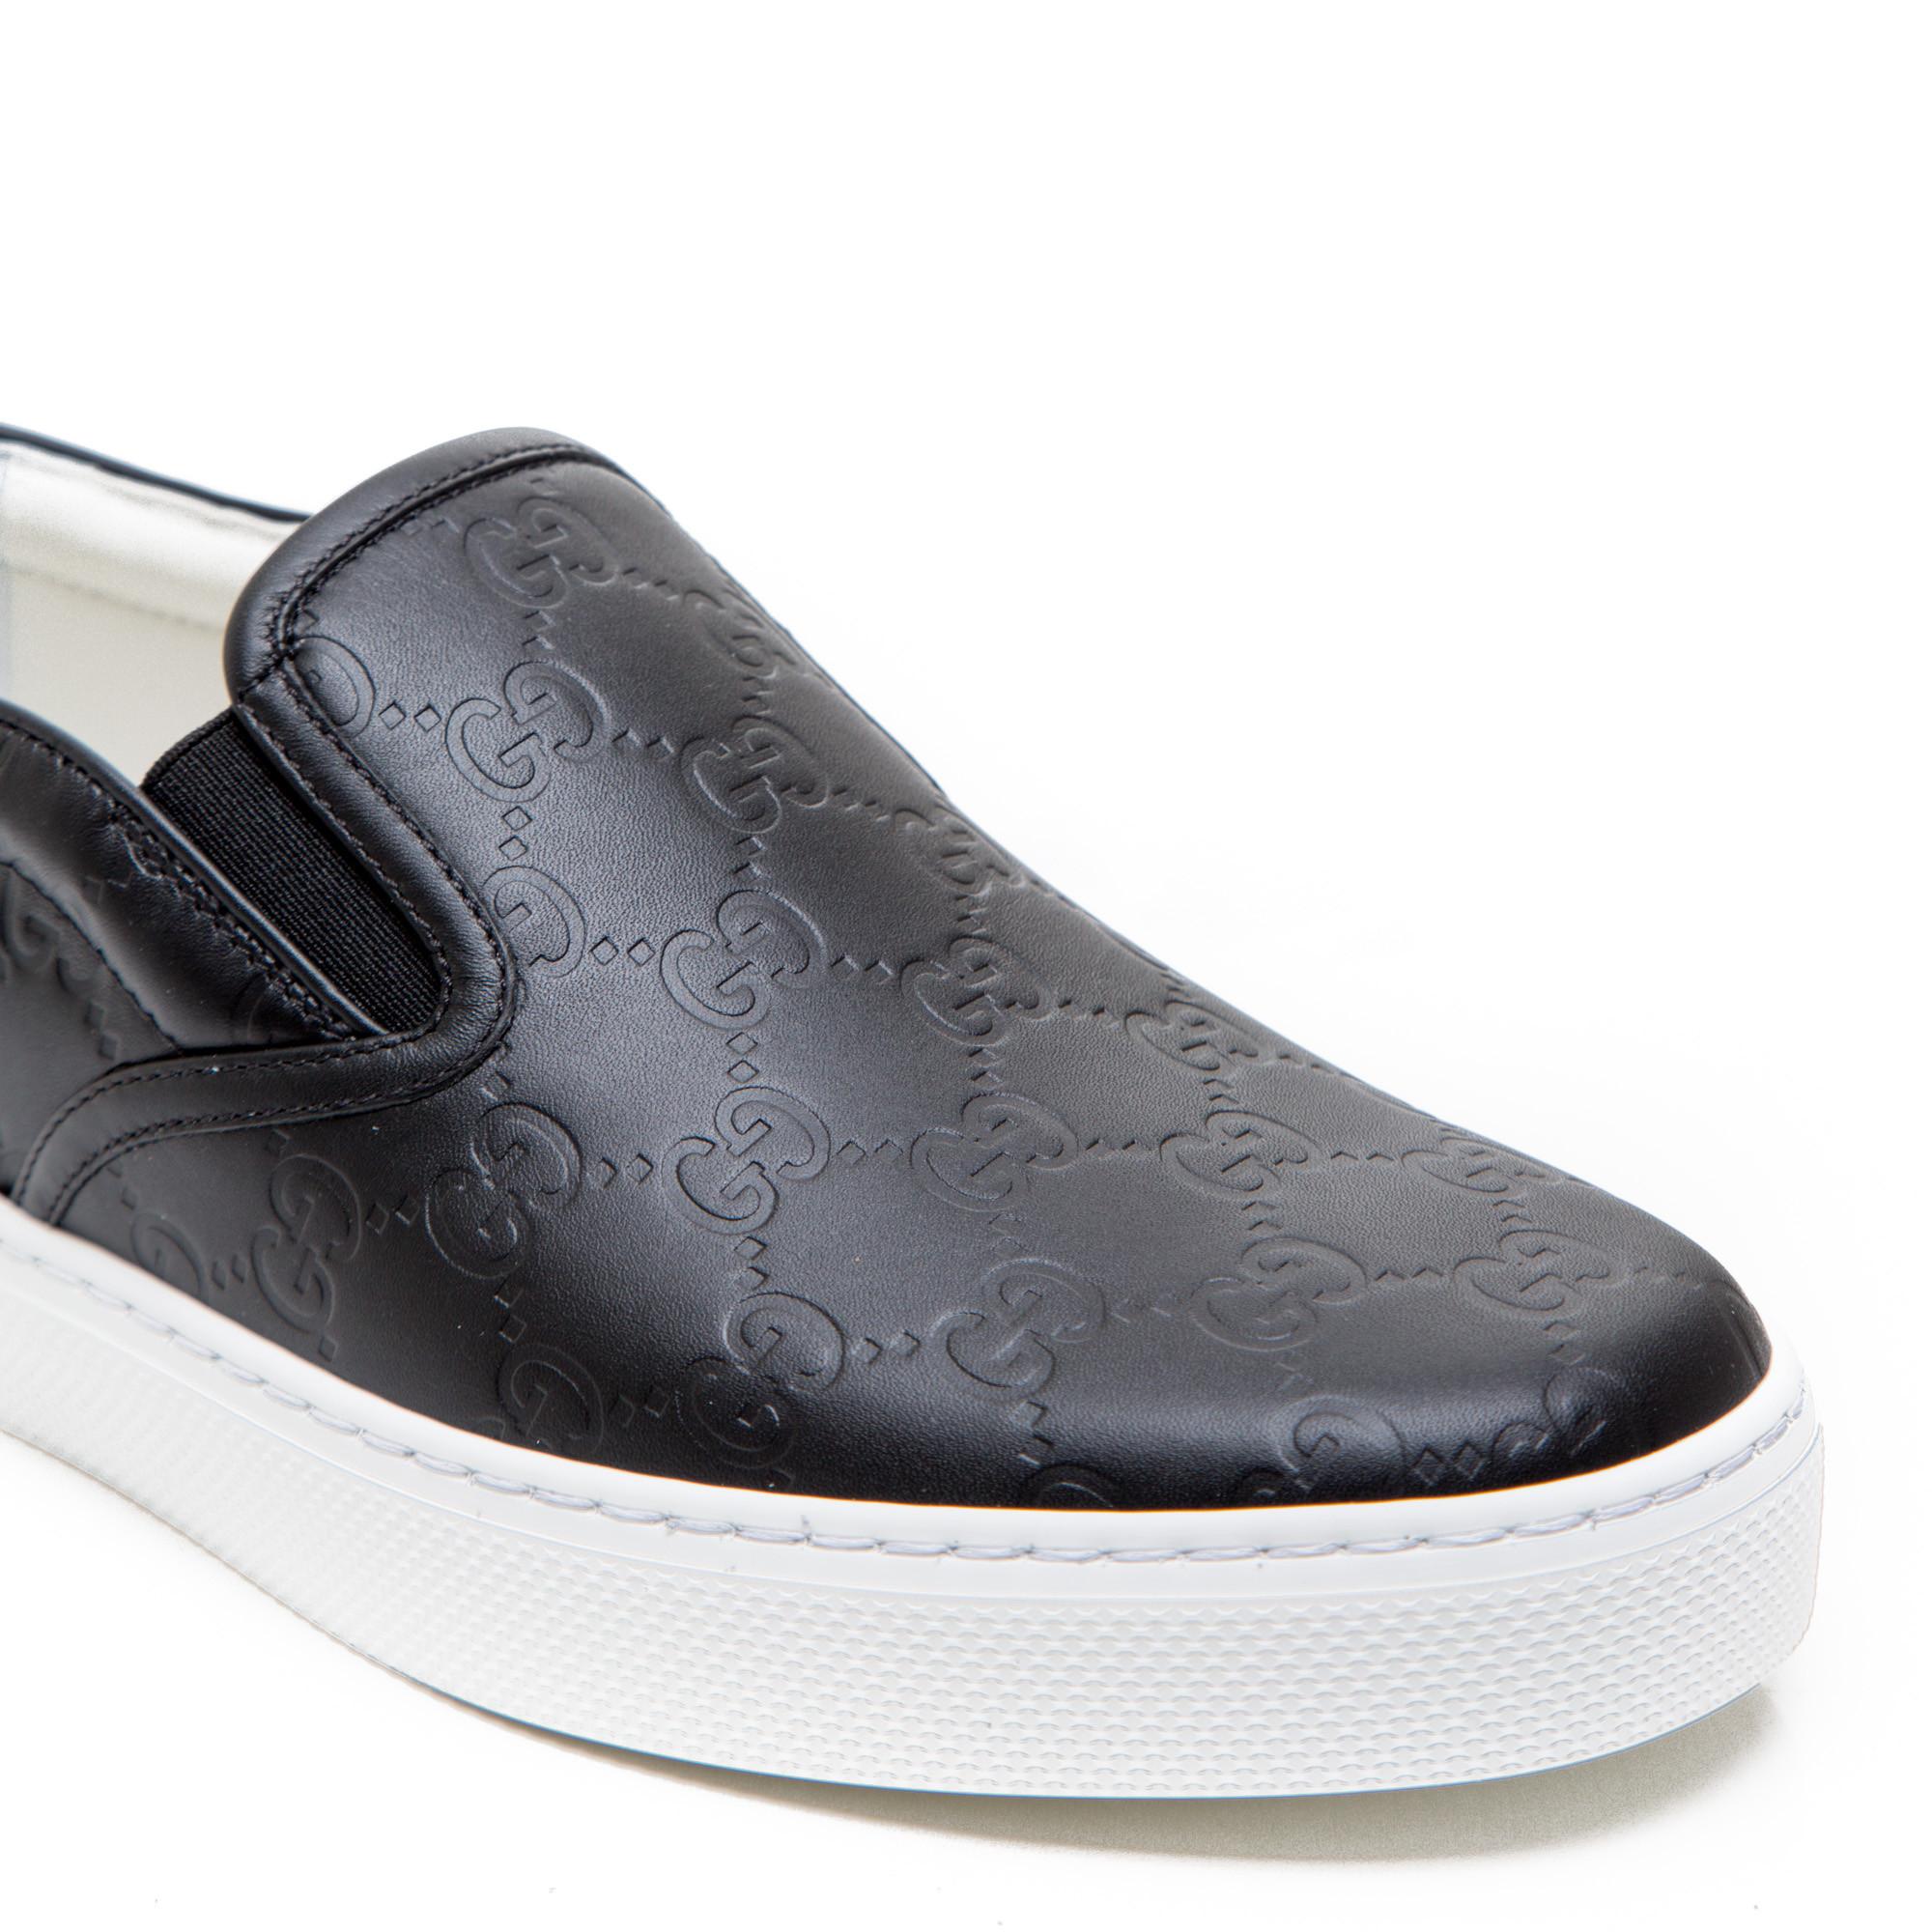 86d5b8d0b71 ... Gucci sport shoes black Gucci sport shoes black - www.derodeloper.com -  Derodeloper